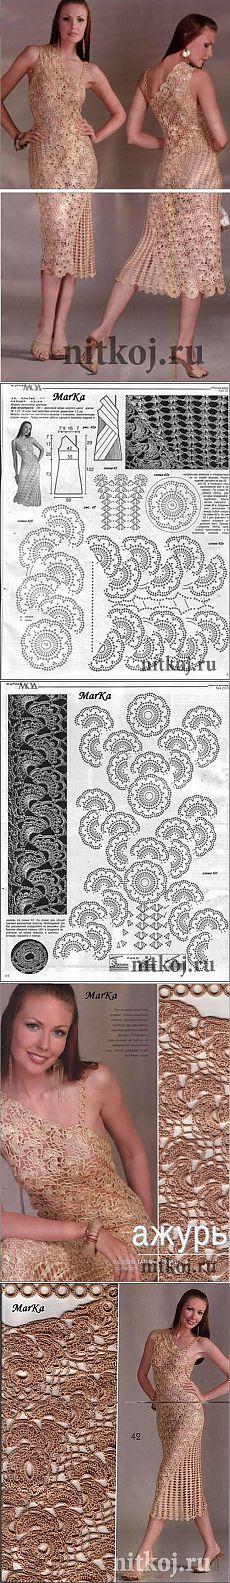 """Golden crochet dress """"thread - knitted things for your home, crochet, knitting, crochet scheme"""